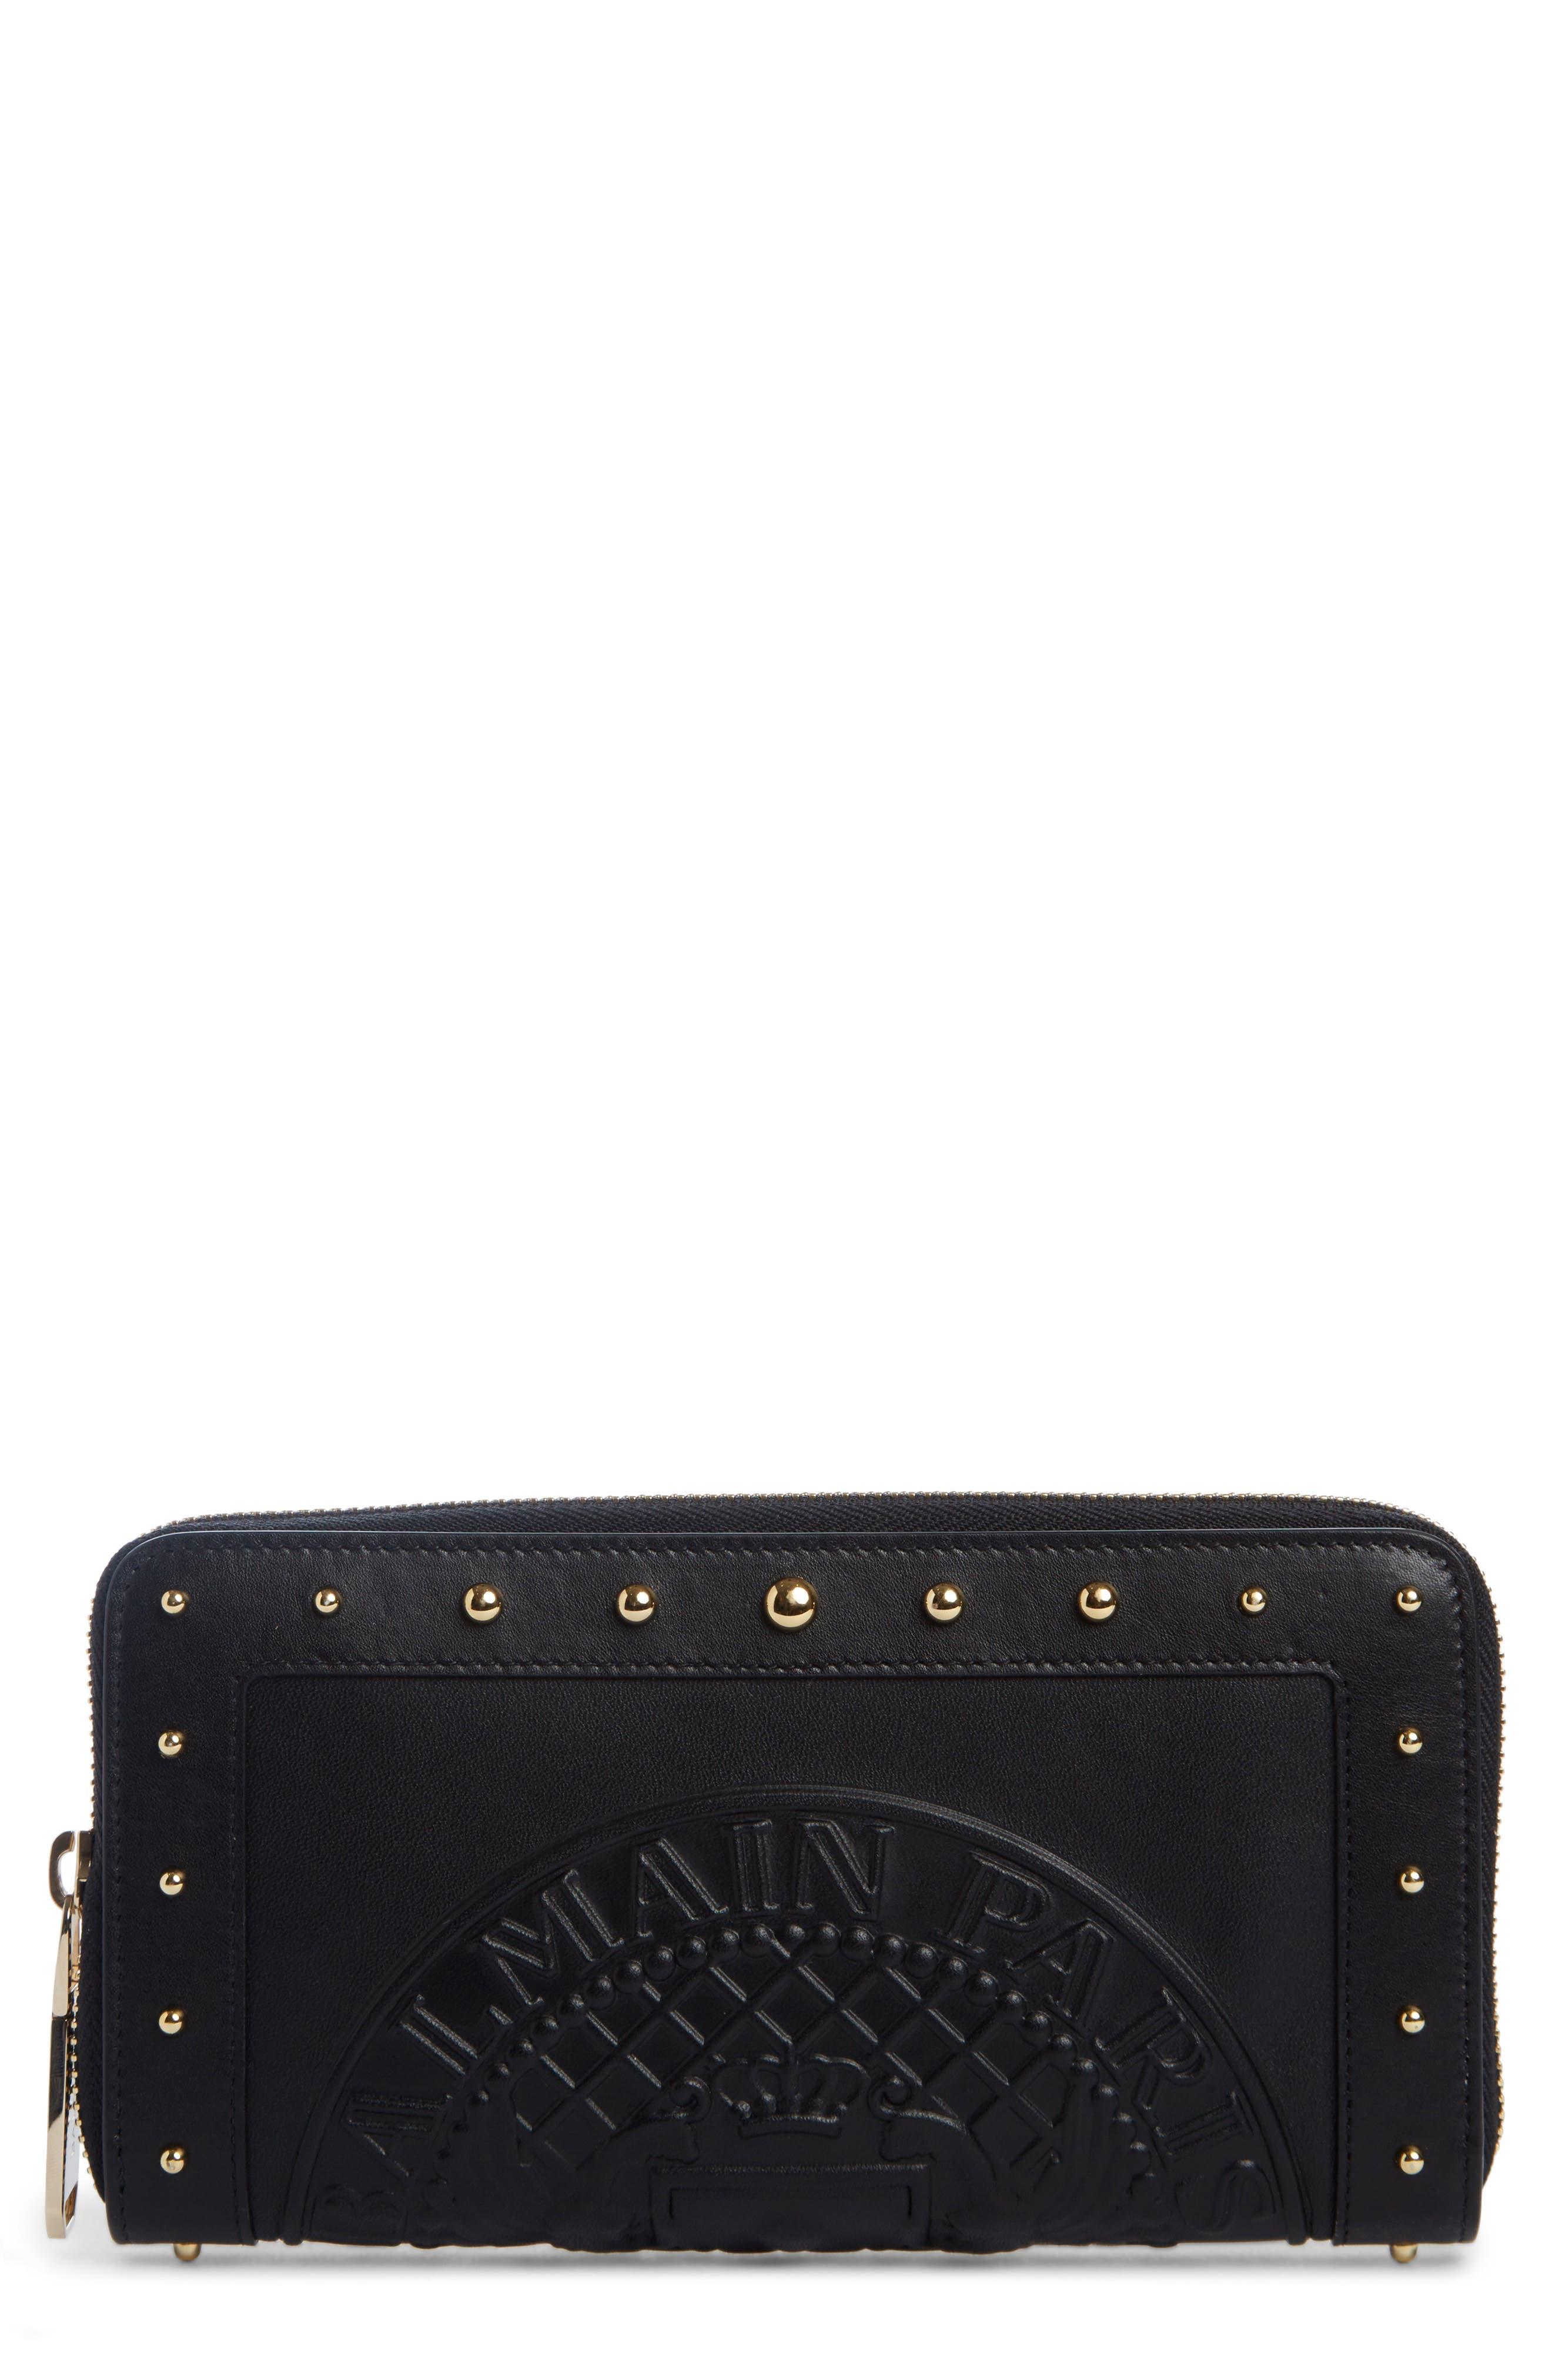 Renaissance Leather Continental Wallet,                         Main,                         color, Noir